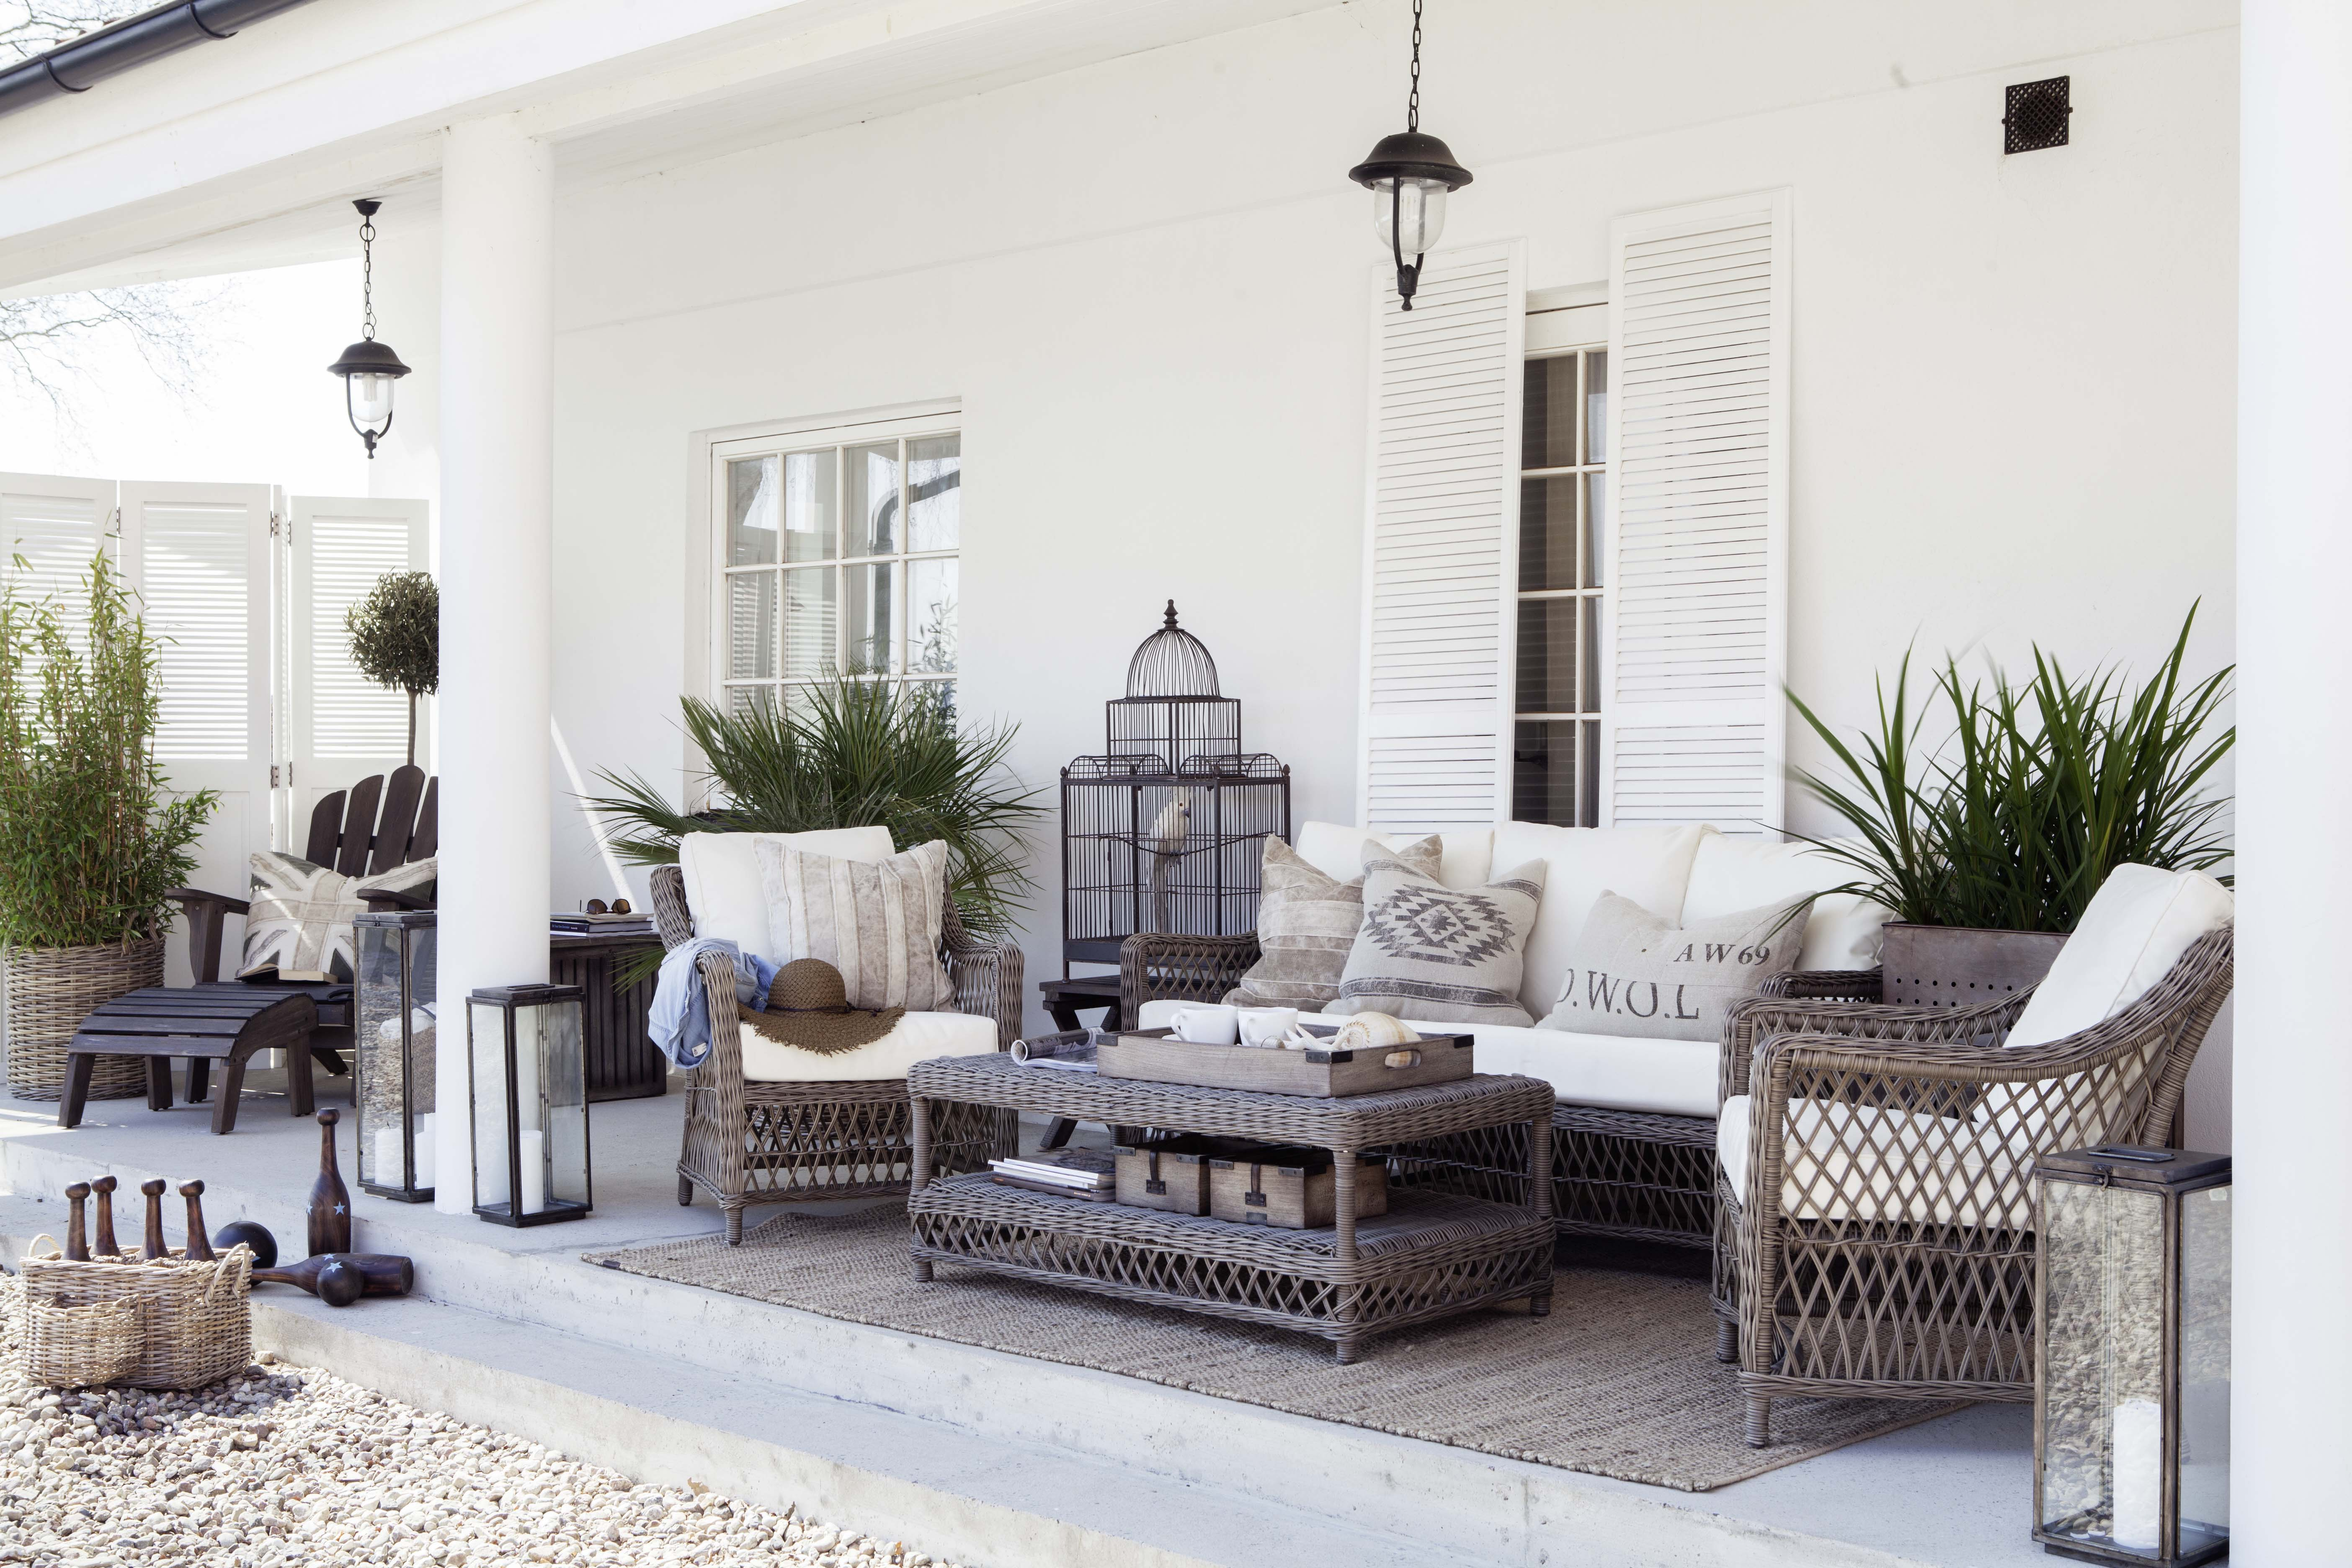 marbella utegrupp kampanj - annorlunda möbler